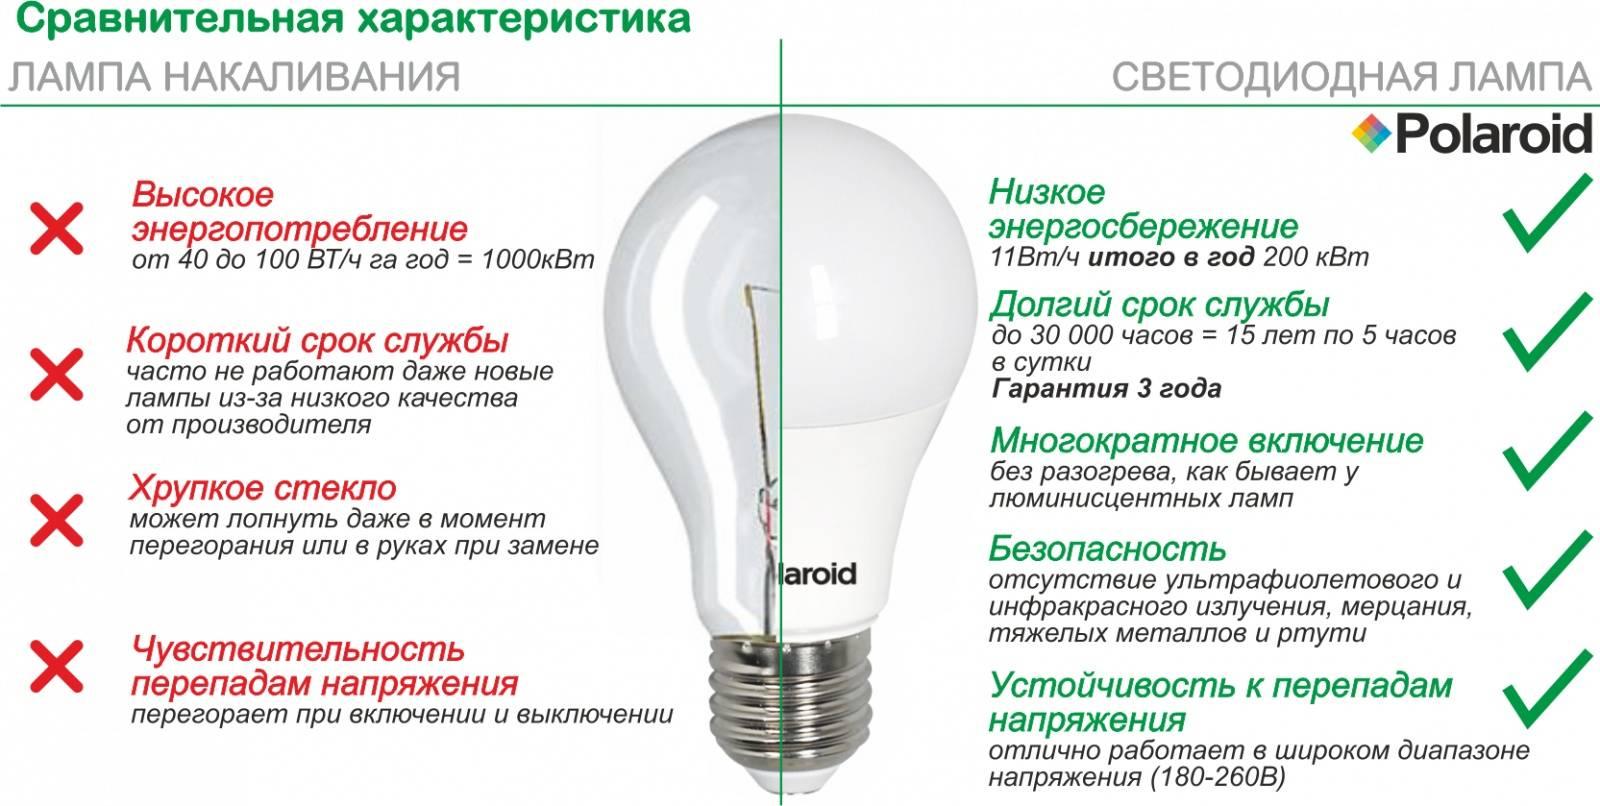 Чем отличаются светодиодные лампы отэнергосберегающих?